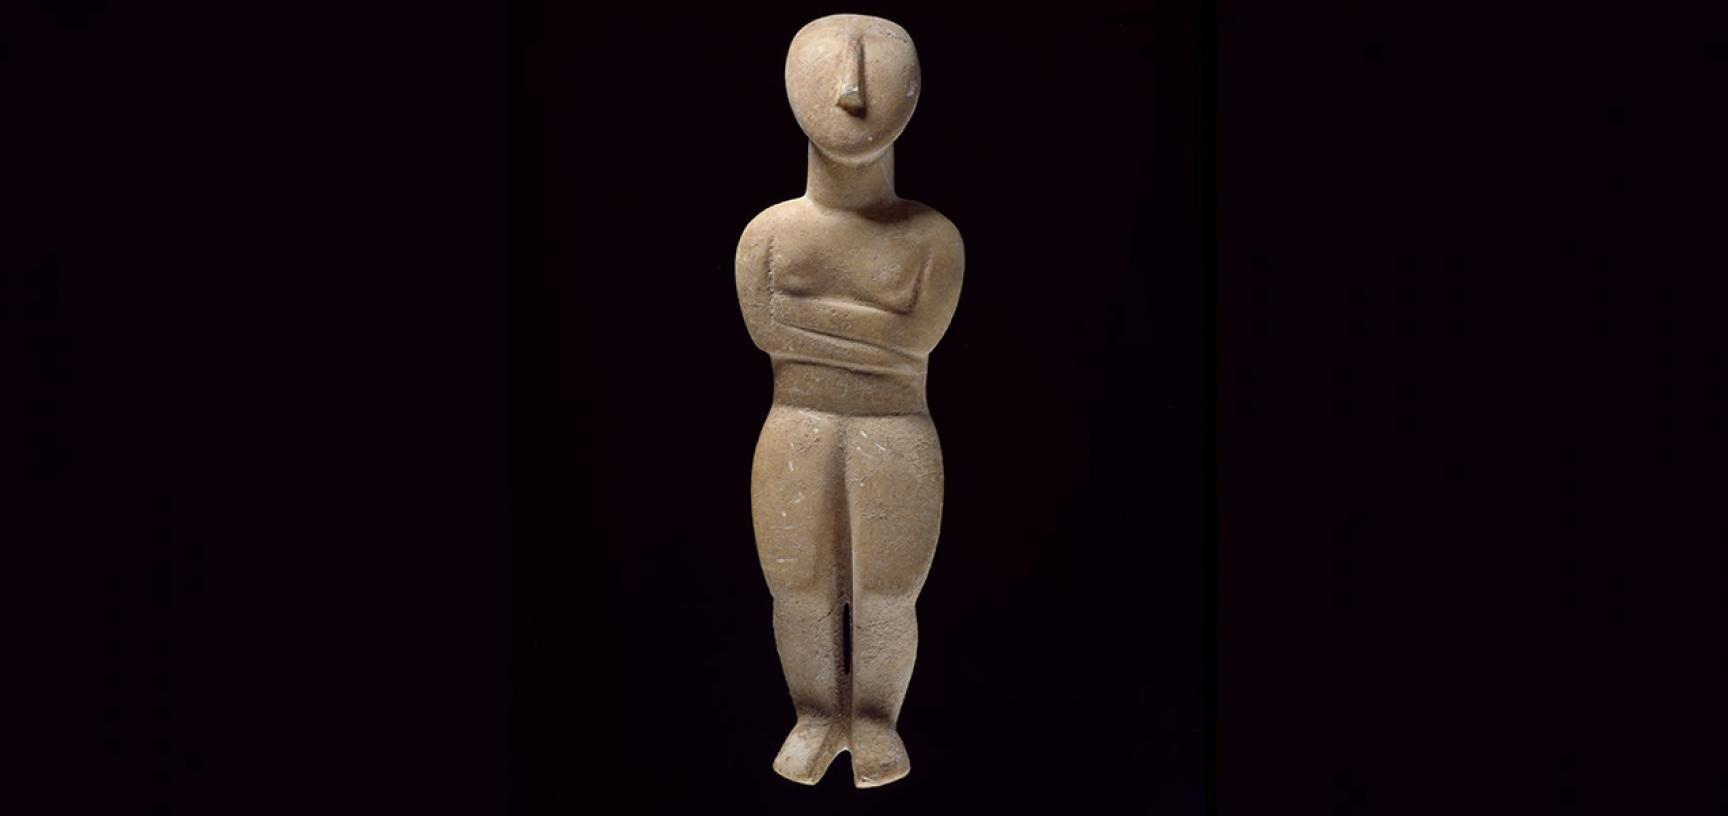 Cycladic figure